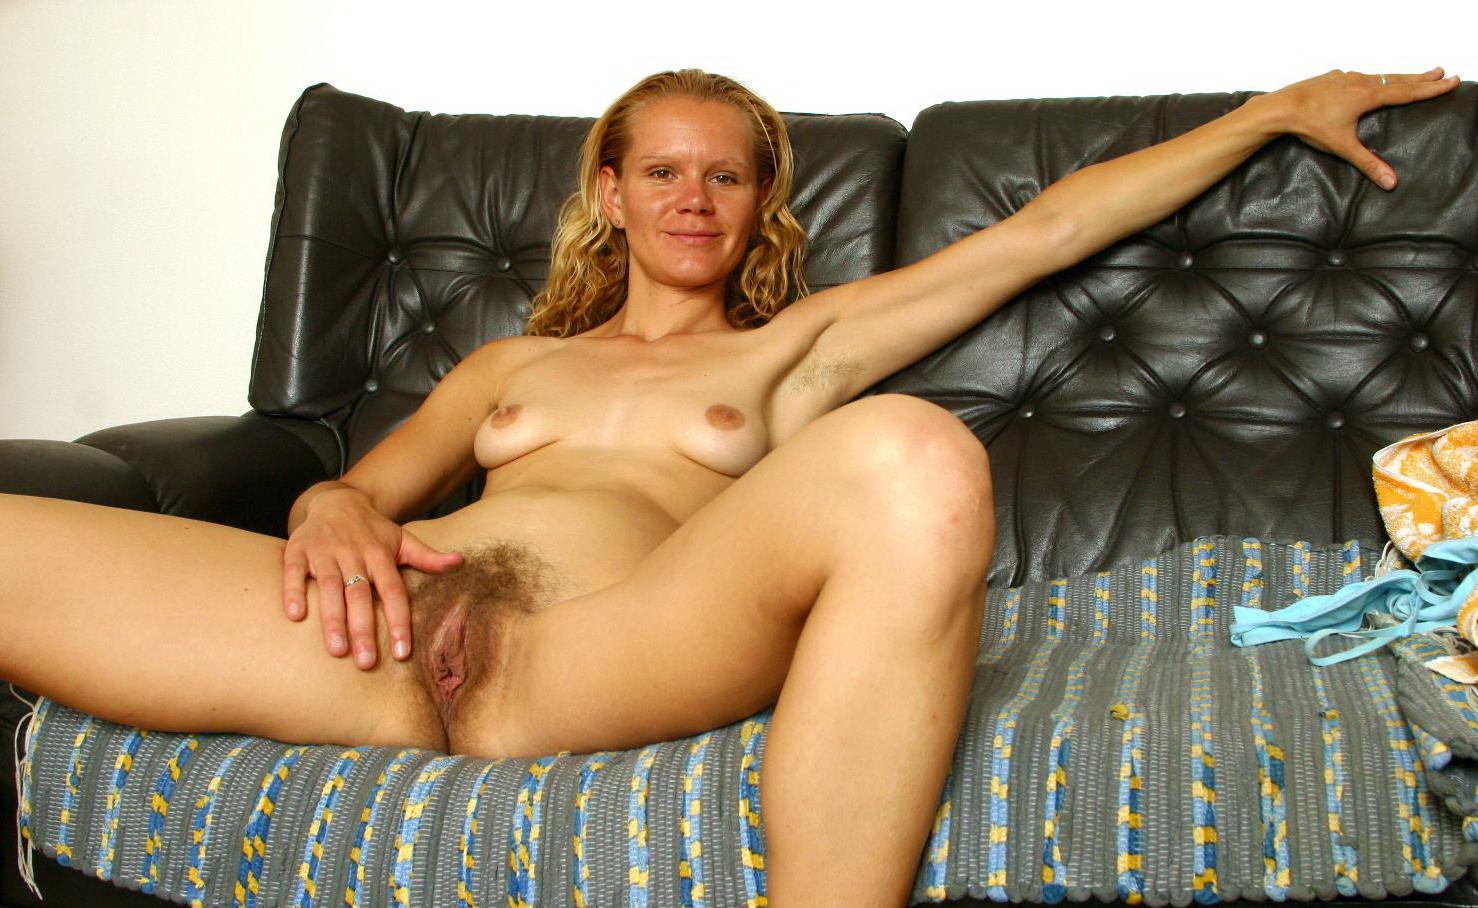 Смотреть страшилка и секс 3 фотография